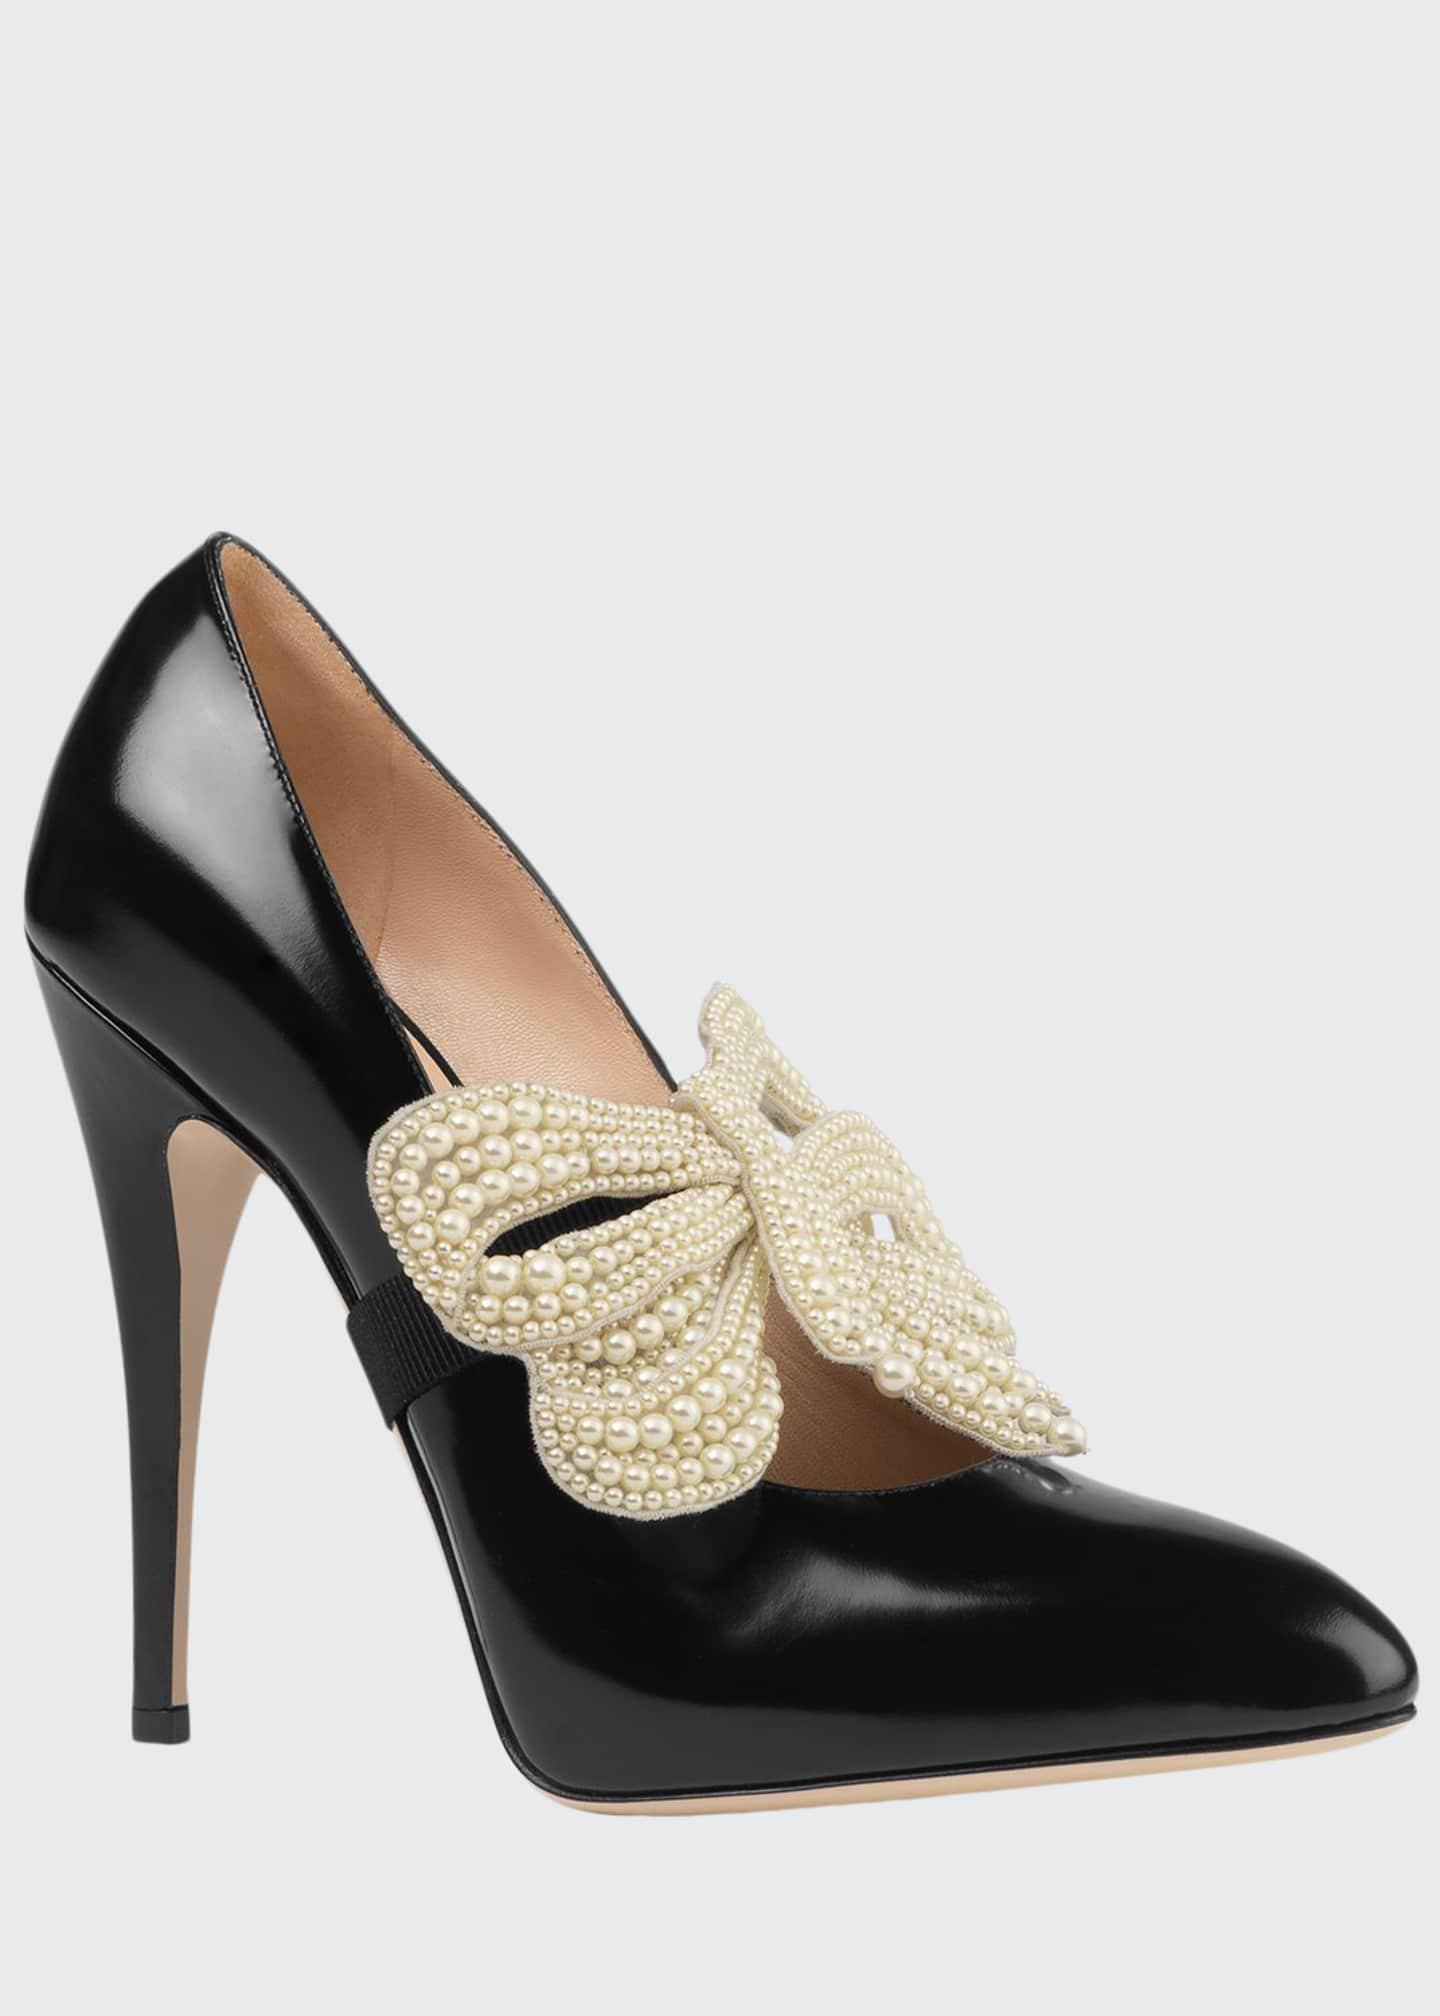 Gucci Elaisa Pearly Bow Pumps, Black